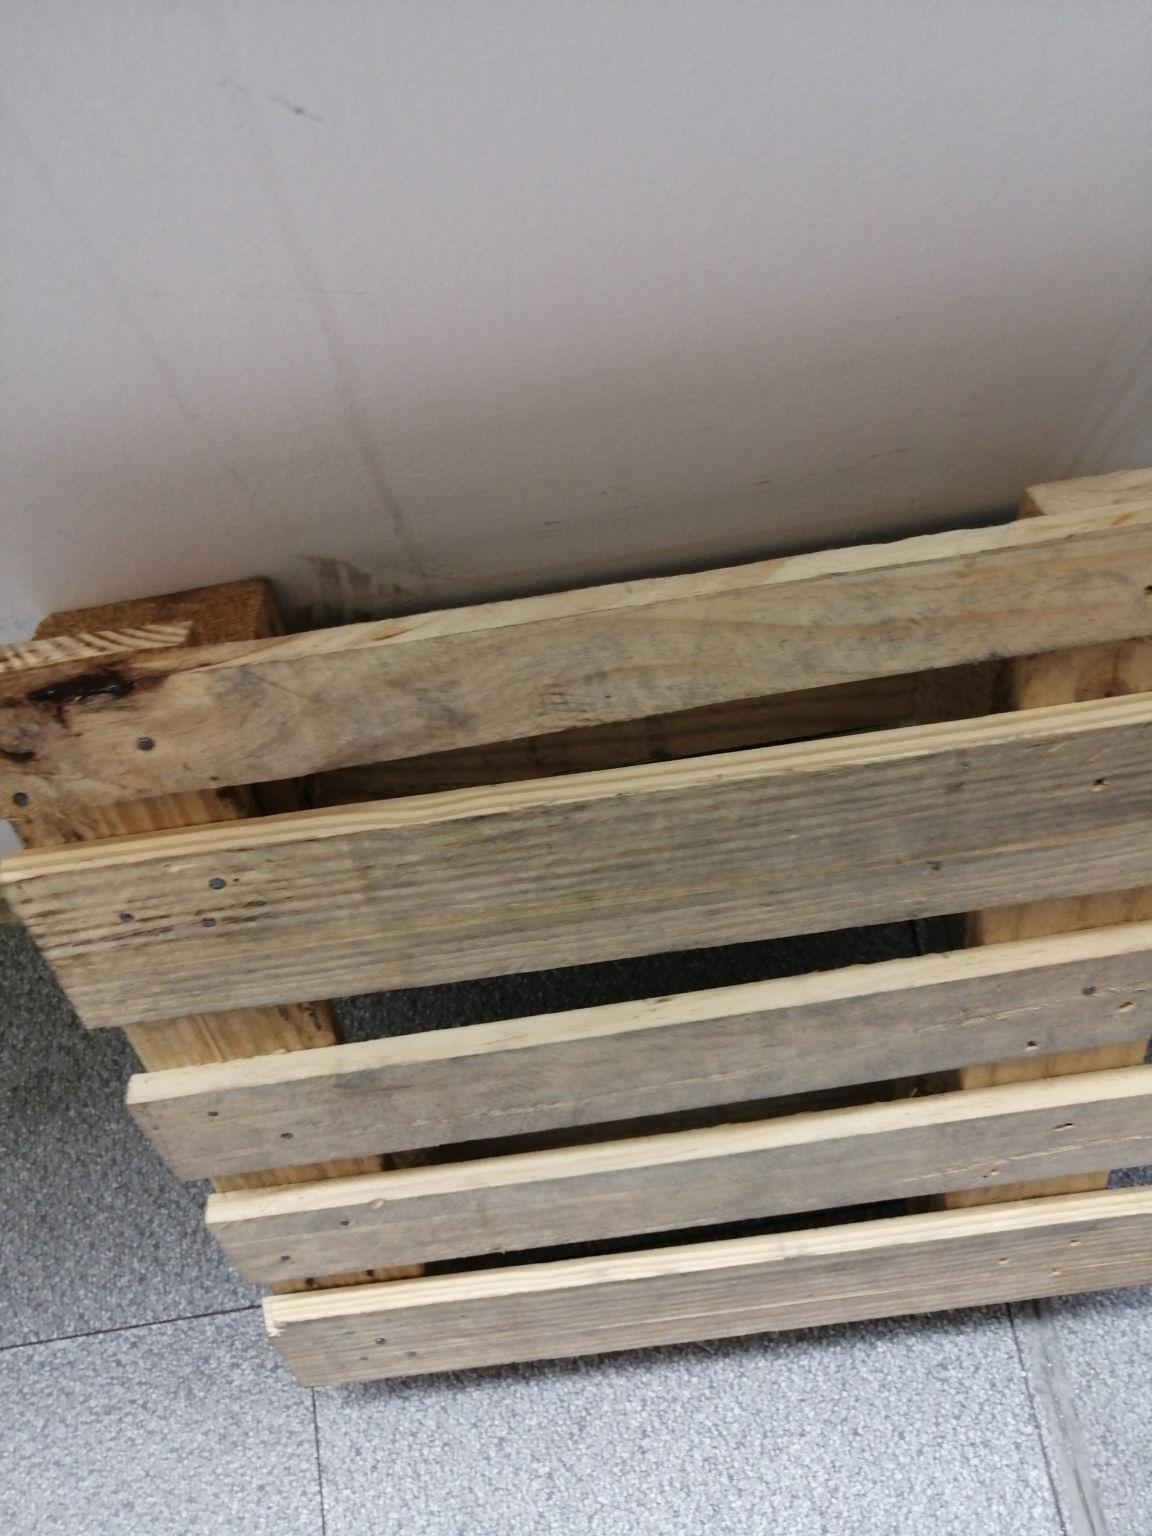 杭州定制标准木托盘厂家批发采用15mm厚的安特勒的